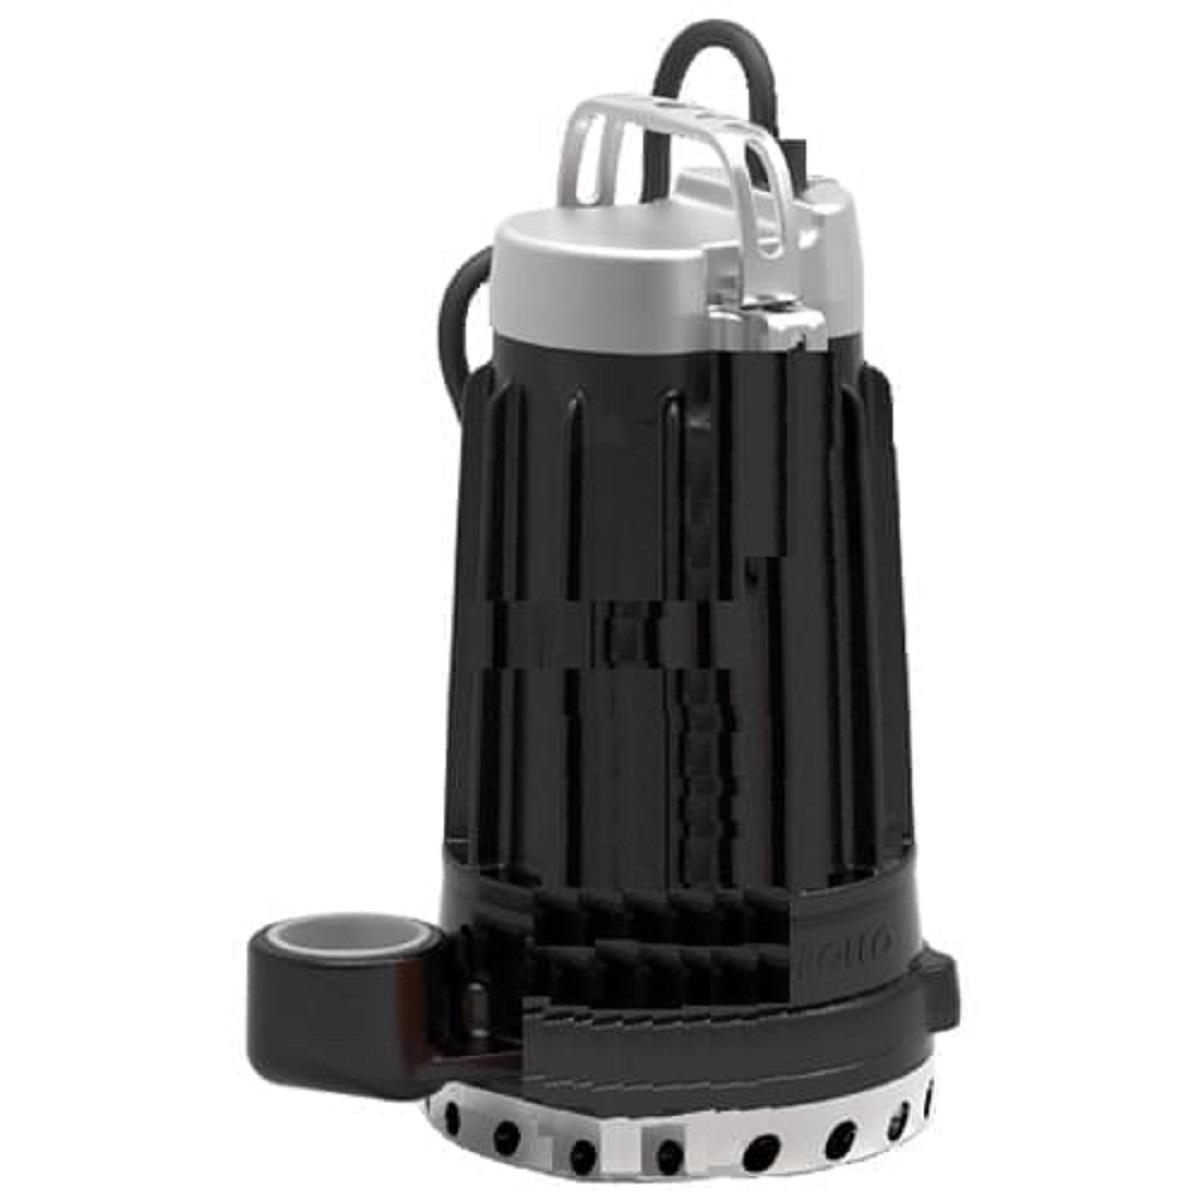 9c4bd3b0fed 1029534 bomba-submersivel-ksb-drainer-fi-1500-1-para-drenagem-de-aguas-sujas-e-esgoto-domestico-1-5-cv-trifasica-380v z1 636681150100372257.jpg